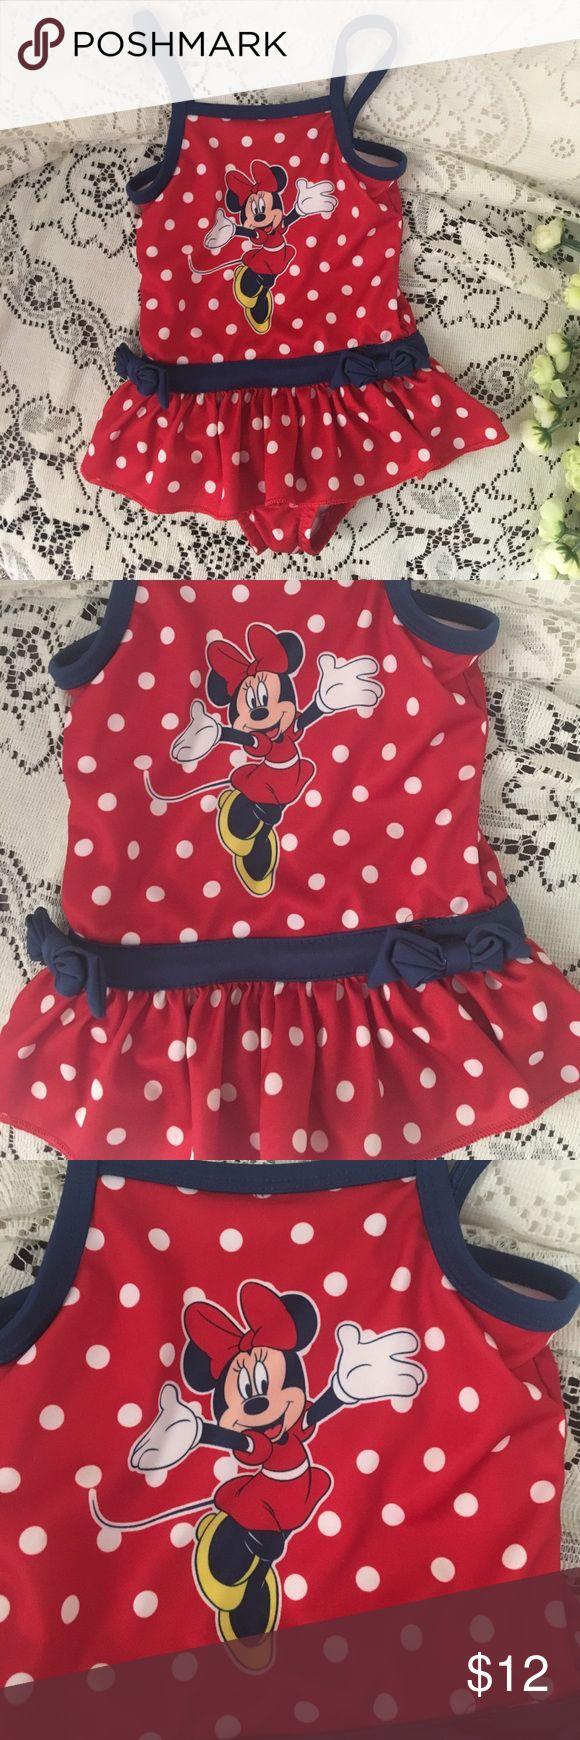 Disney red polka dot 2T one piece bathing suit Disney Minnie red polka dot one piece bathing suit size 2T Disney Swim One Piece